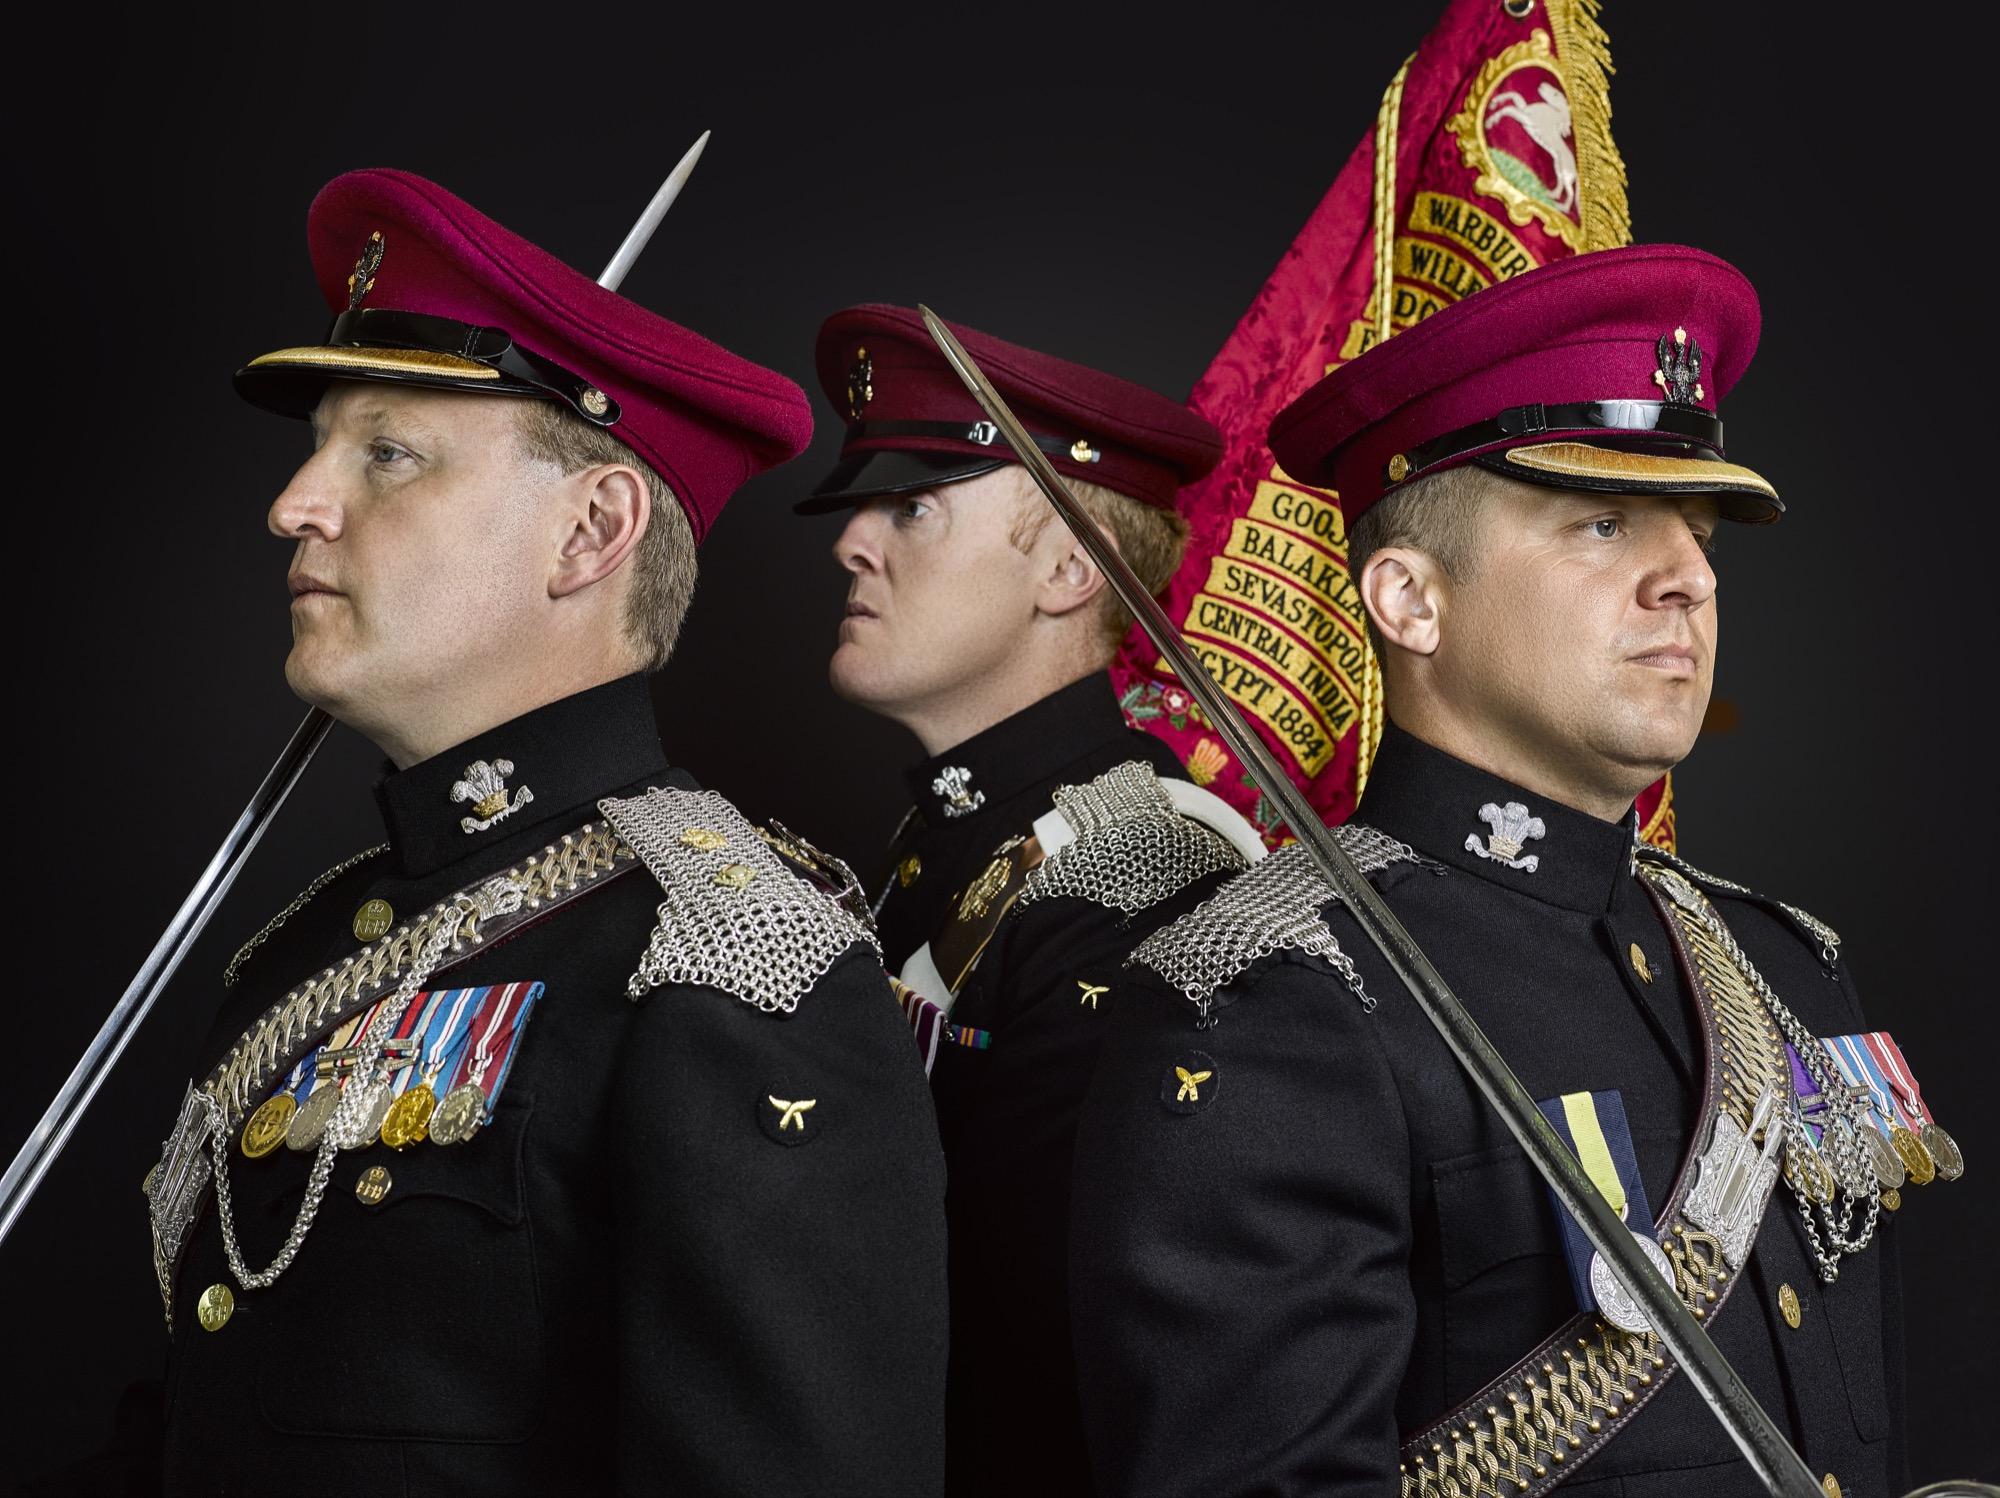 Lieutenant Colonel Porter Commanding Officer Warrant Officer Class 2 Regimental Quarter Master Sergeant Major Baines Warrant Officer 1 Regimental Sergeant Major Ashton The King's Royal Hussars.